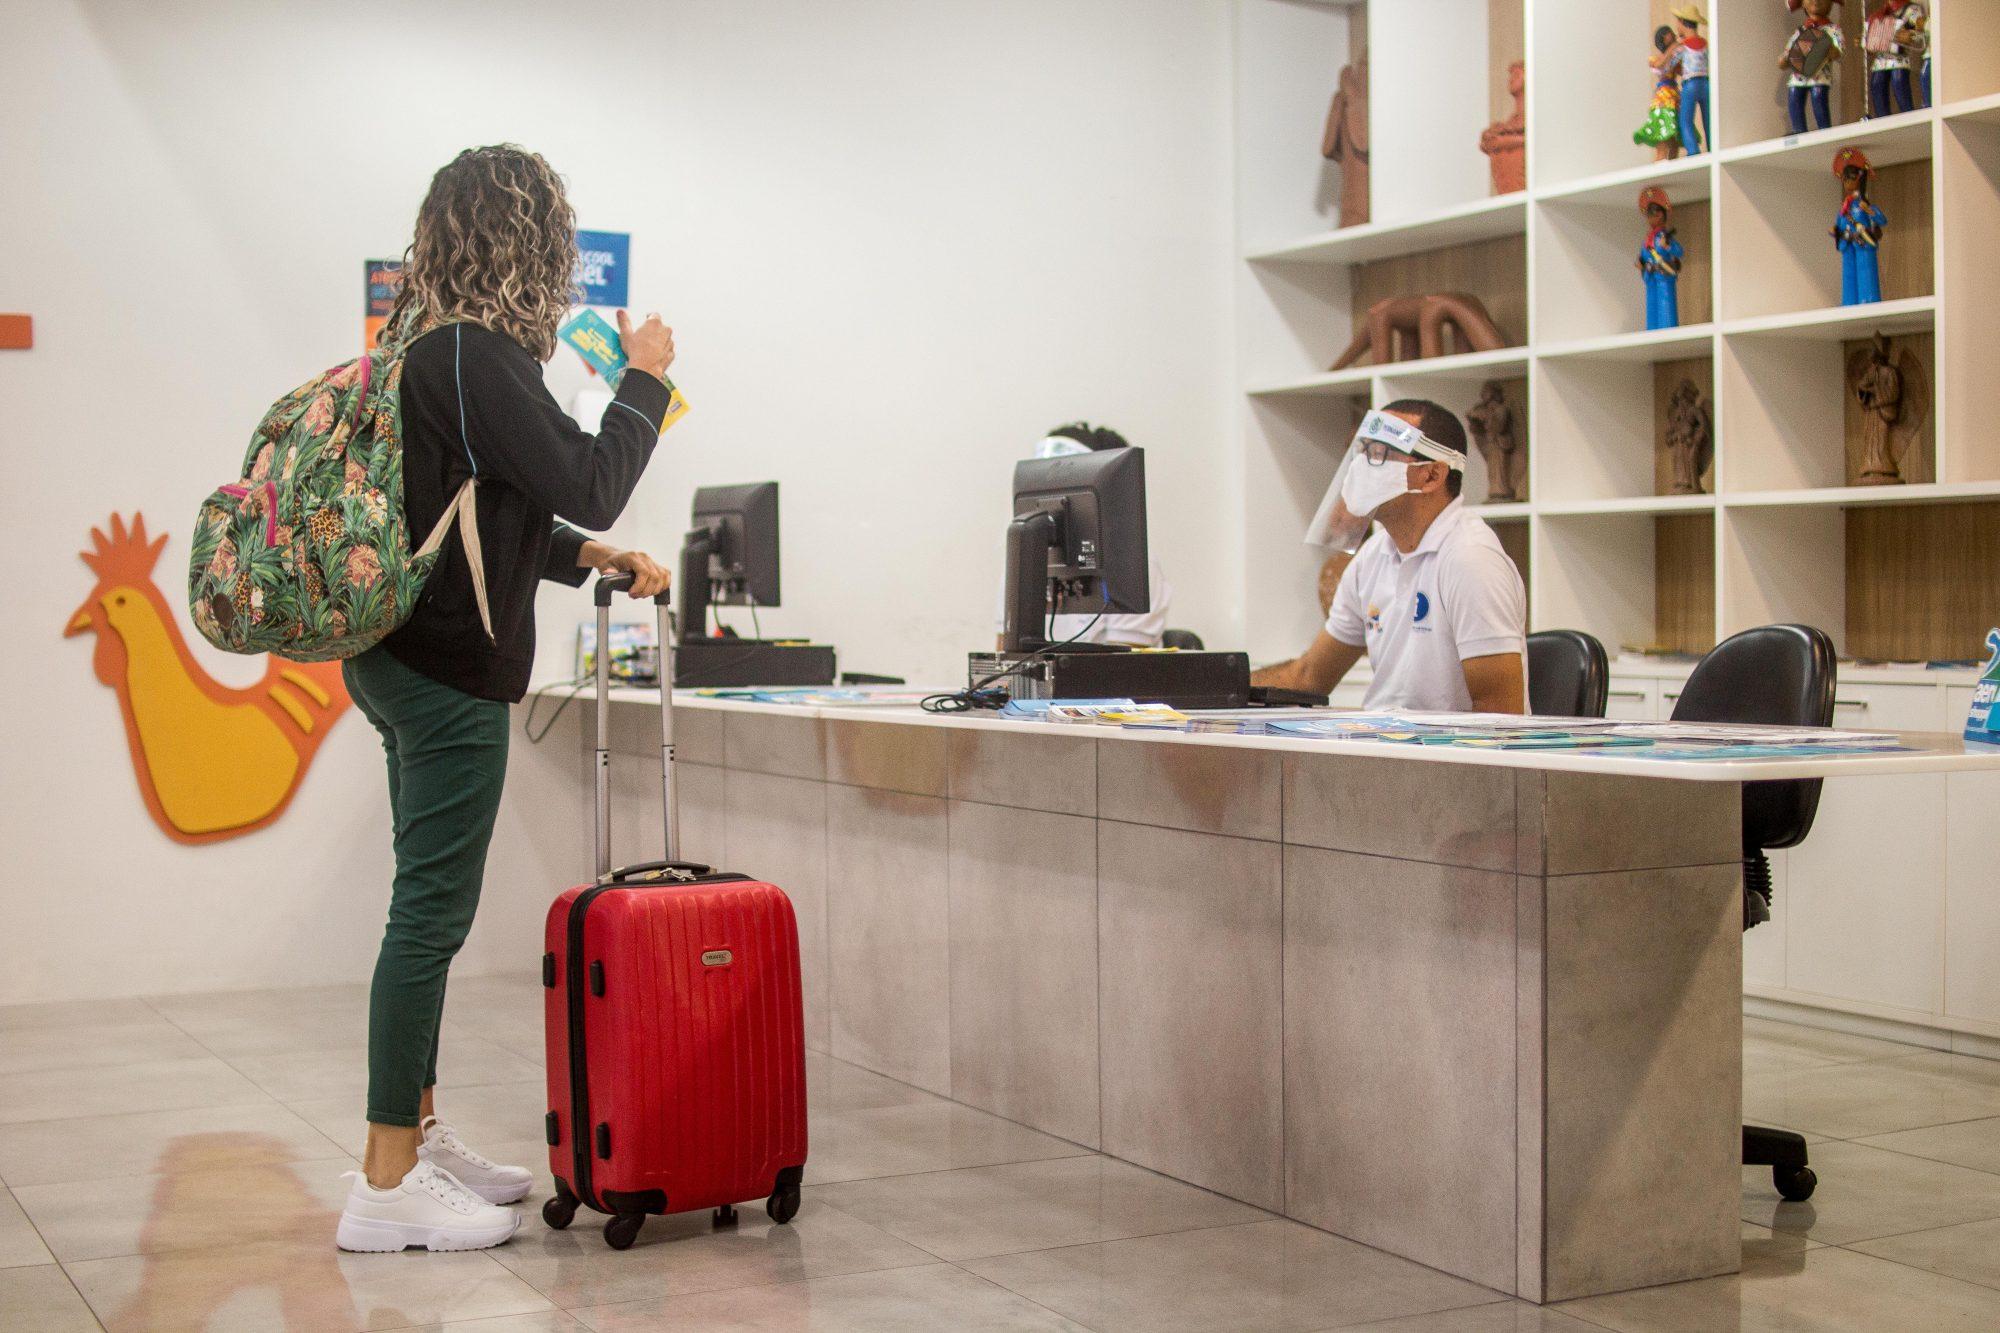 Centros de Atendimento ao Turista da Empetur retornam atividades nesta quinta-feira (1º)